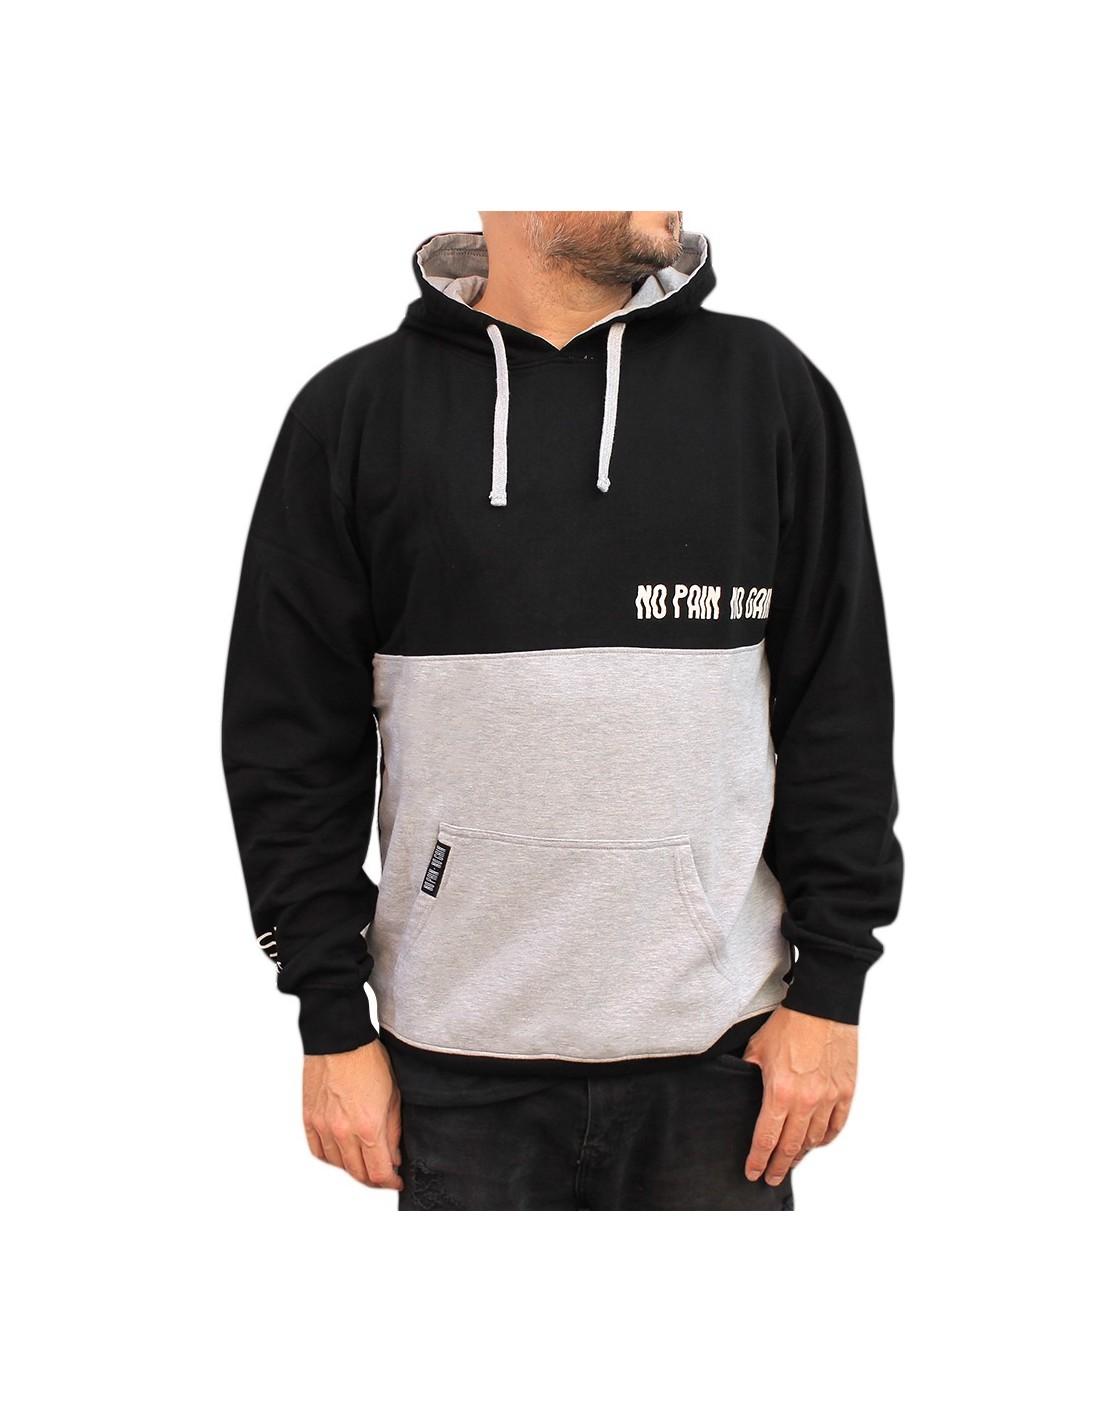 nueva colección 6be46 0f64d Sudadera hombre NO PAIN NO GAIN WINDS en algodón, color negro